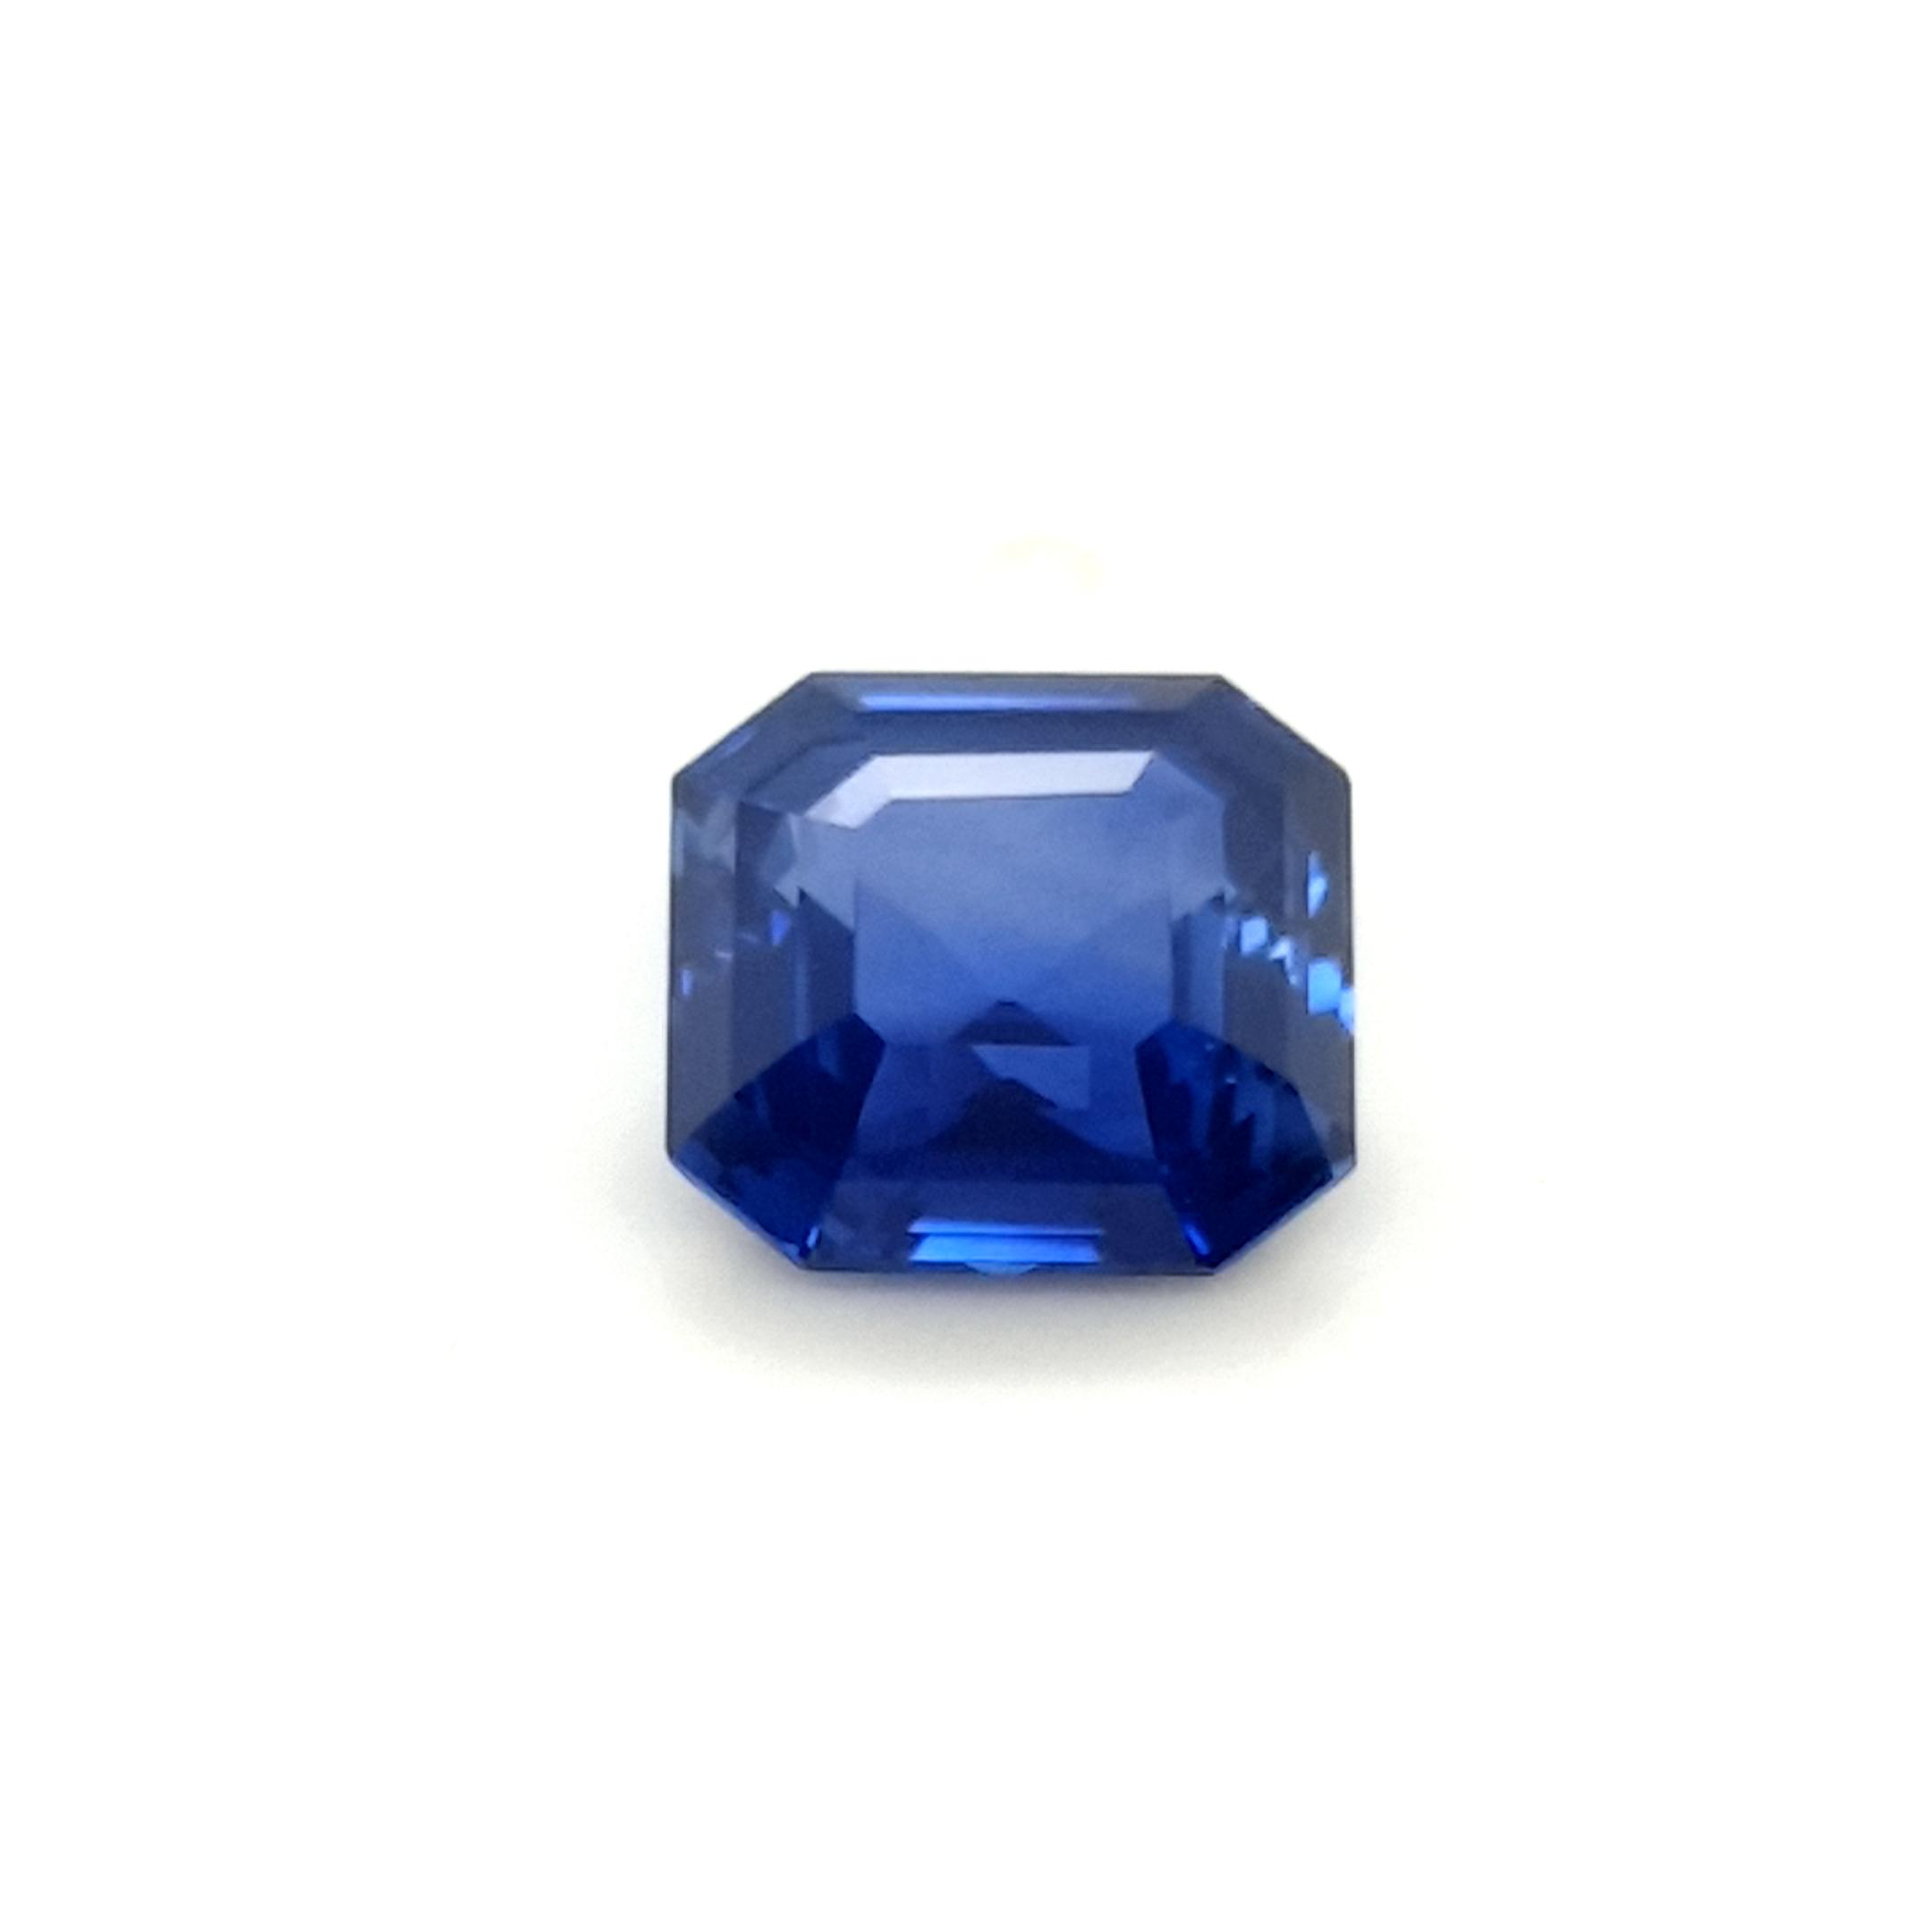 3,56ct. Sapphire CornflowerBlue SAI18D2 ClaudiaHamann__2021-06-02-21-23-58